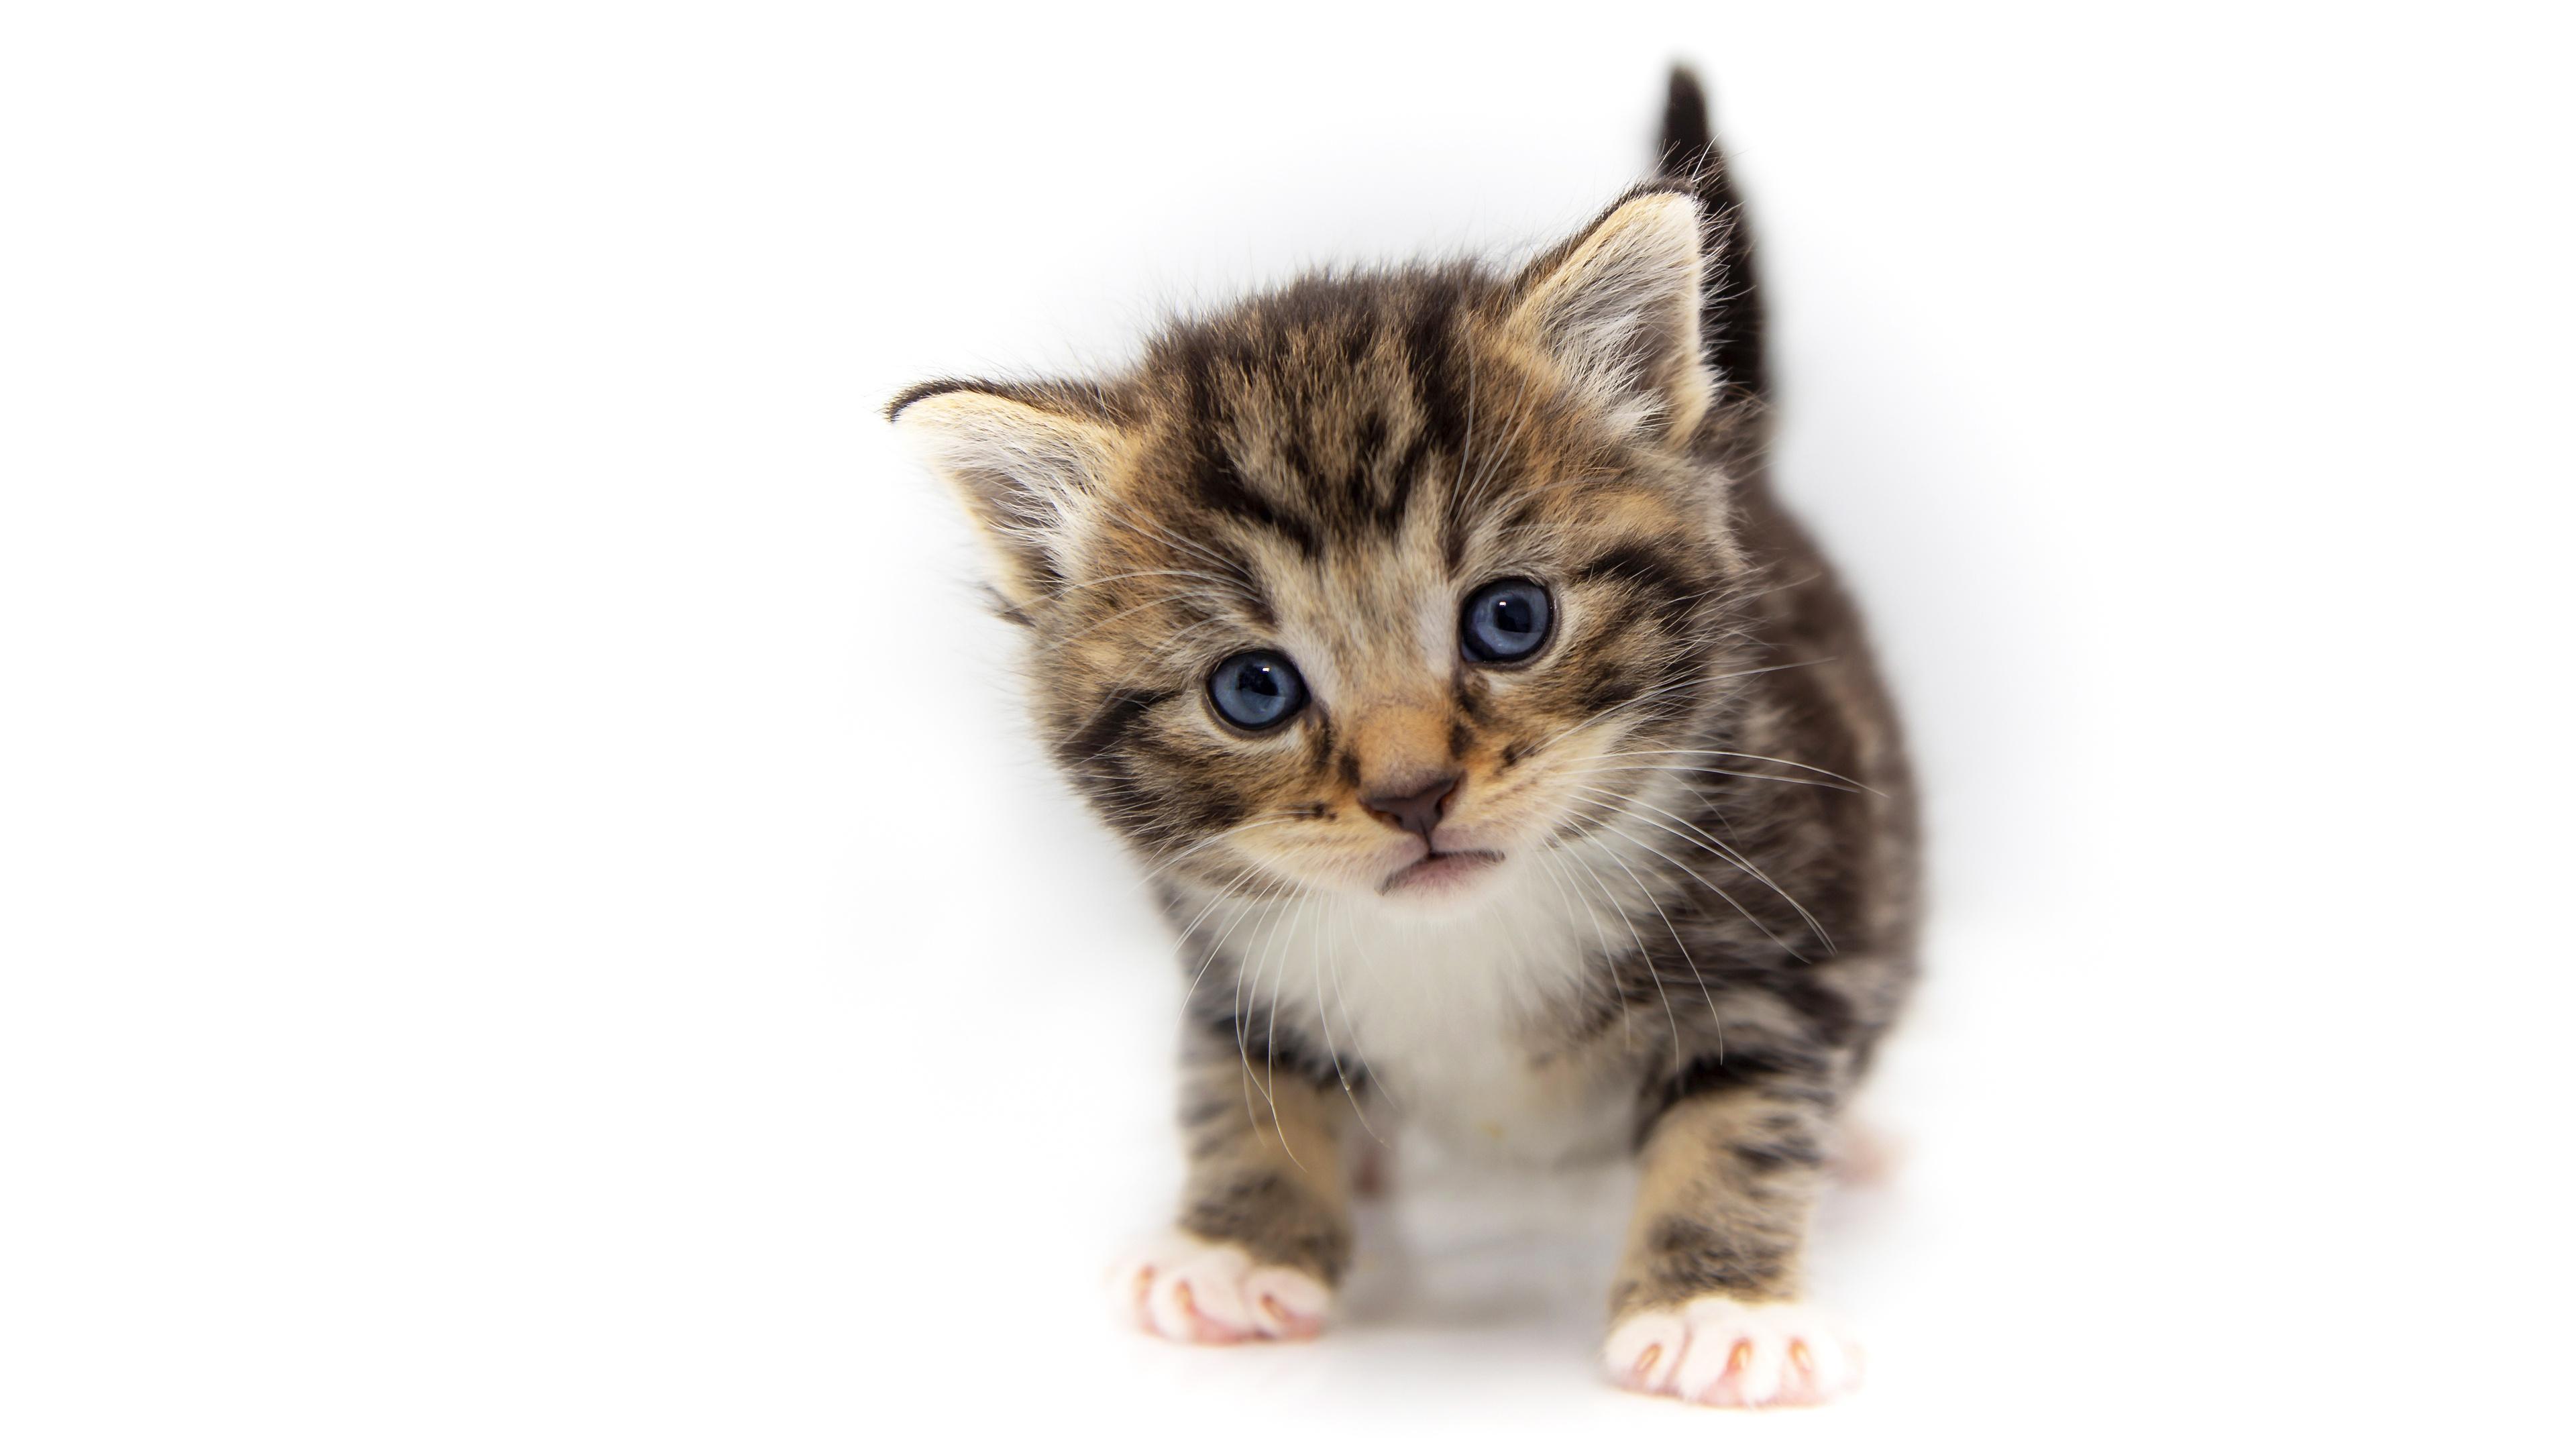 Фото Котята коты Взгляд Животные белым фоном 3840x2160 котят котенка котенок кот кошка Кошки смотрит смотрят животное Белый фон белом фоне